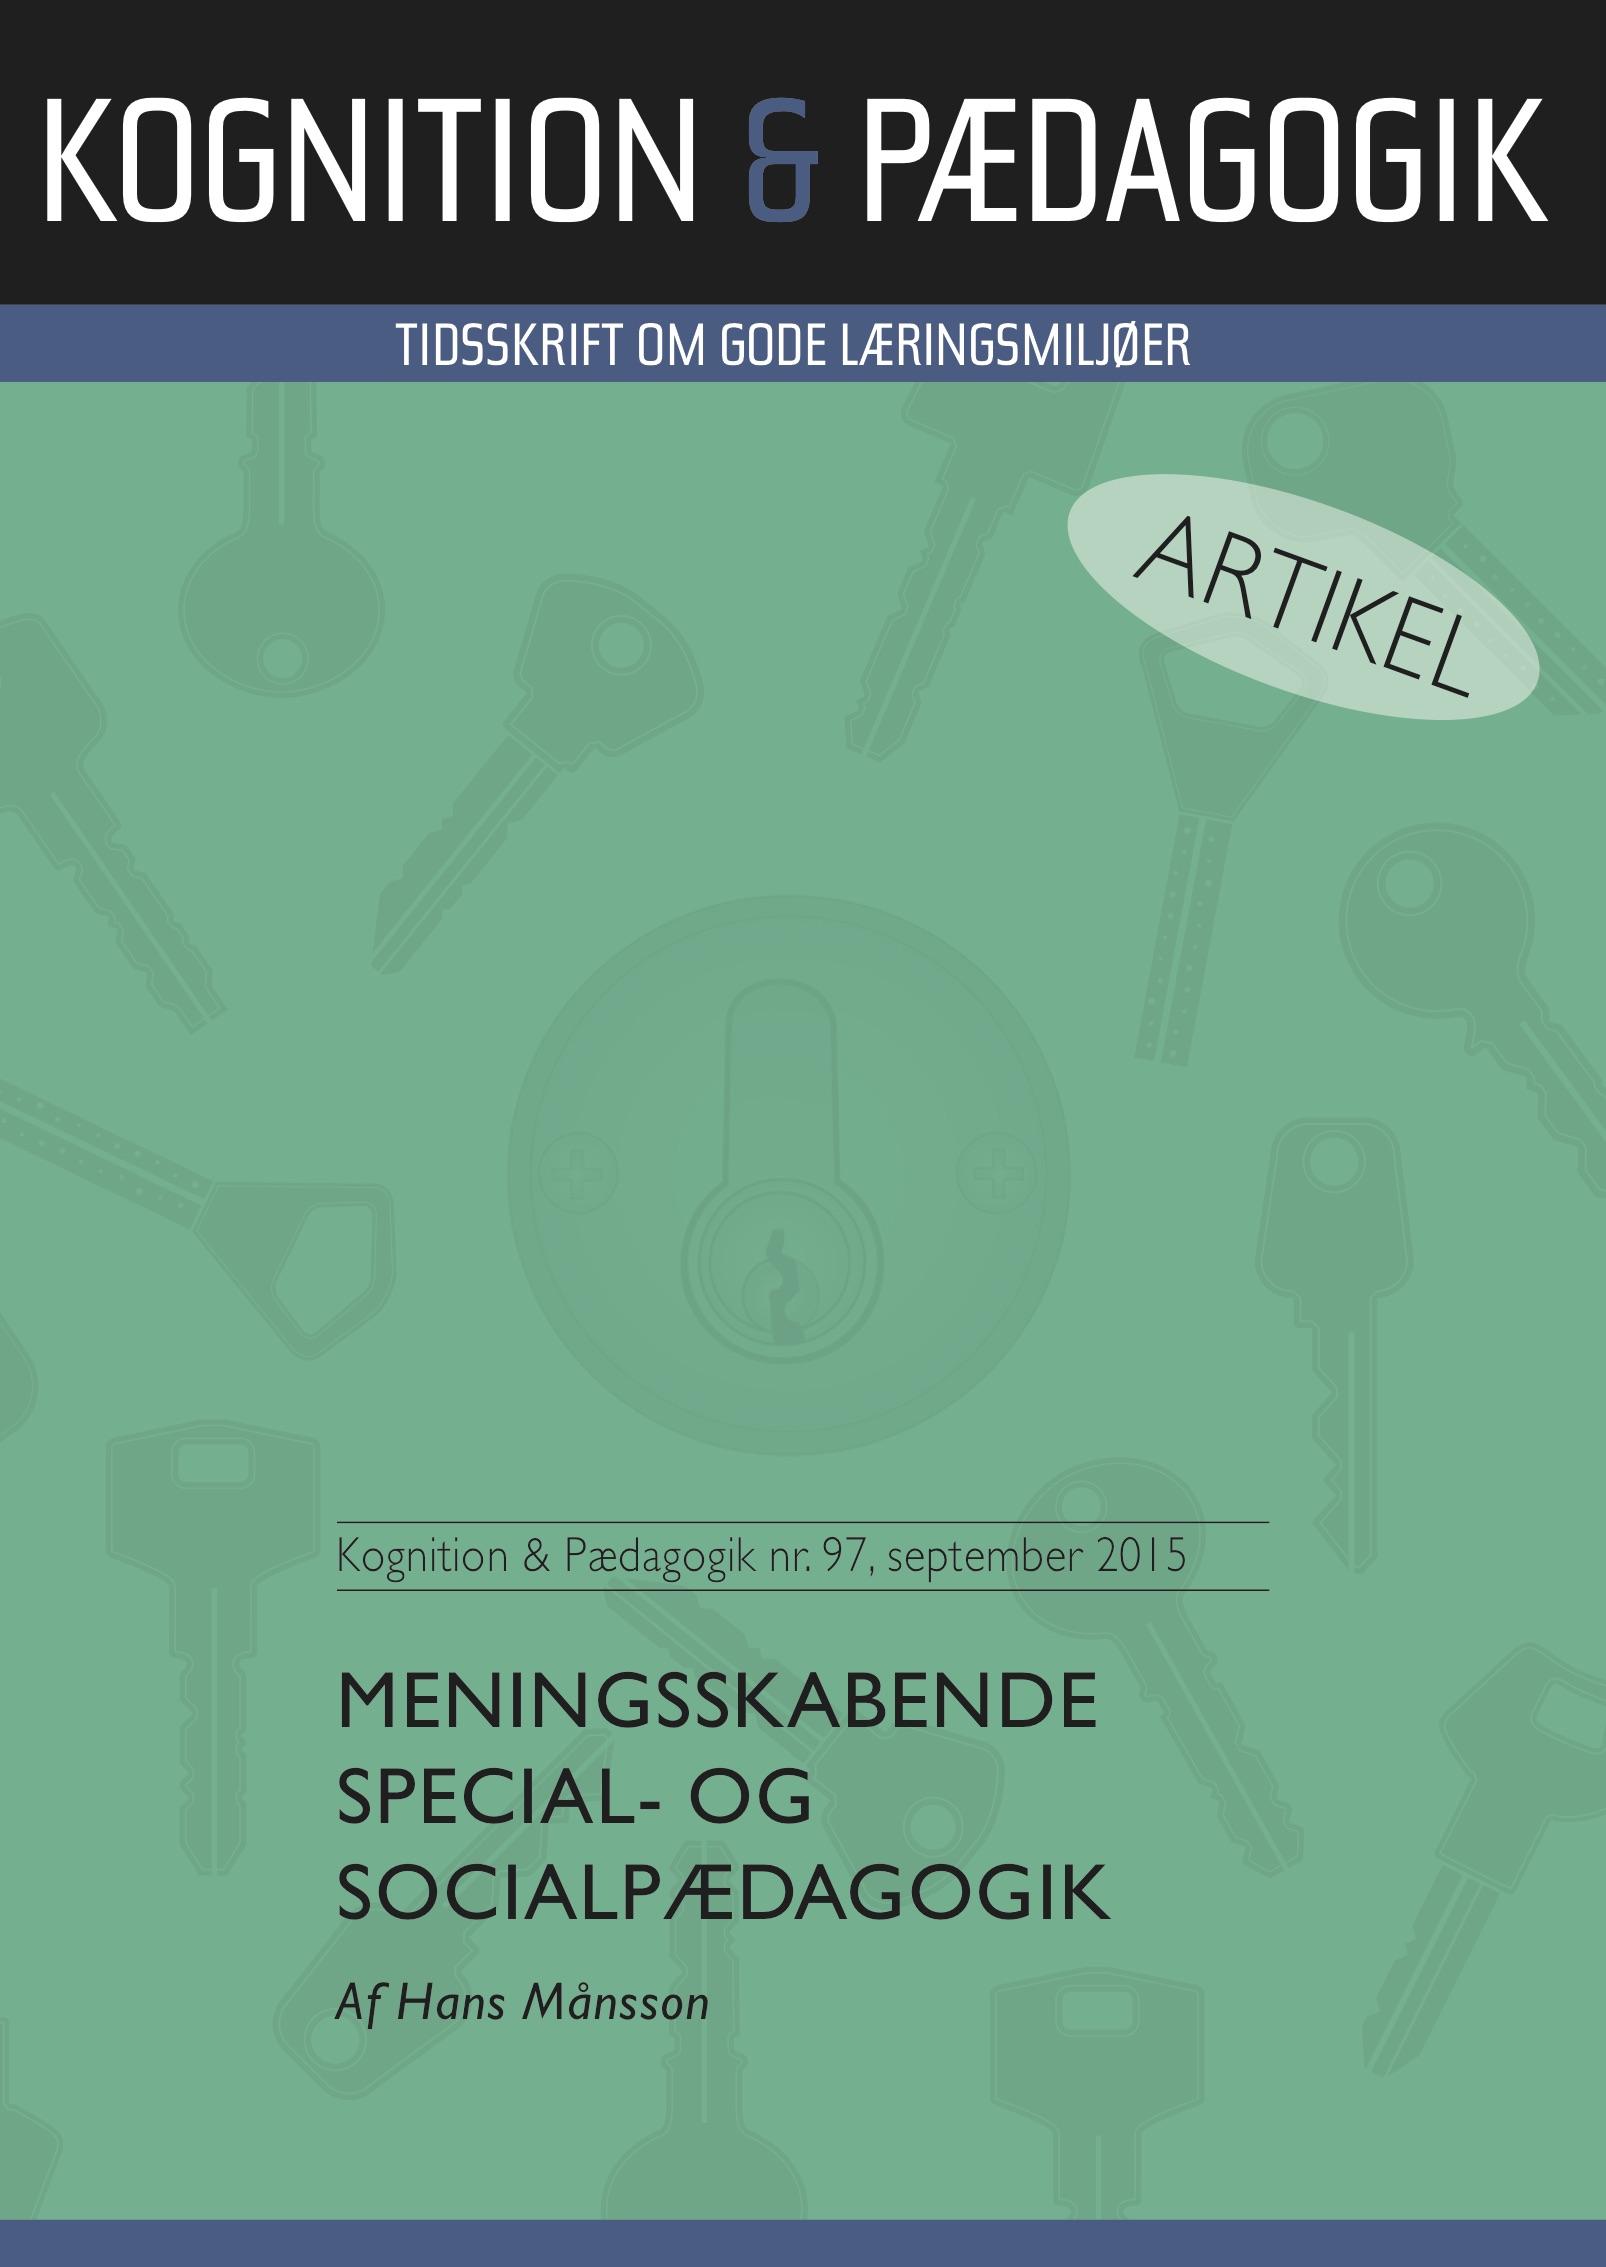 N/A Meningsskabende special- og socialpædagogik - e-bog på bog & mystik